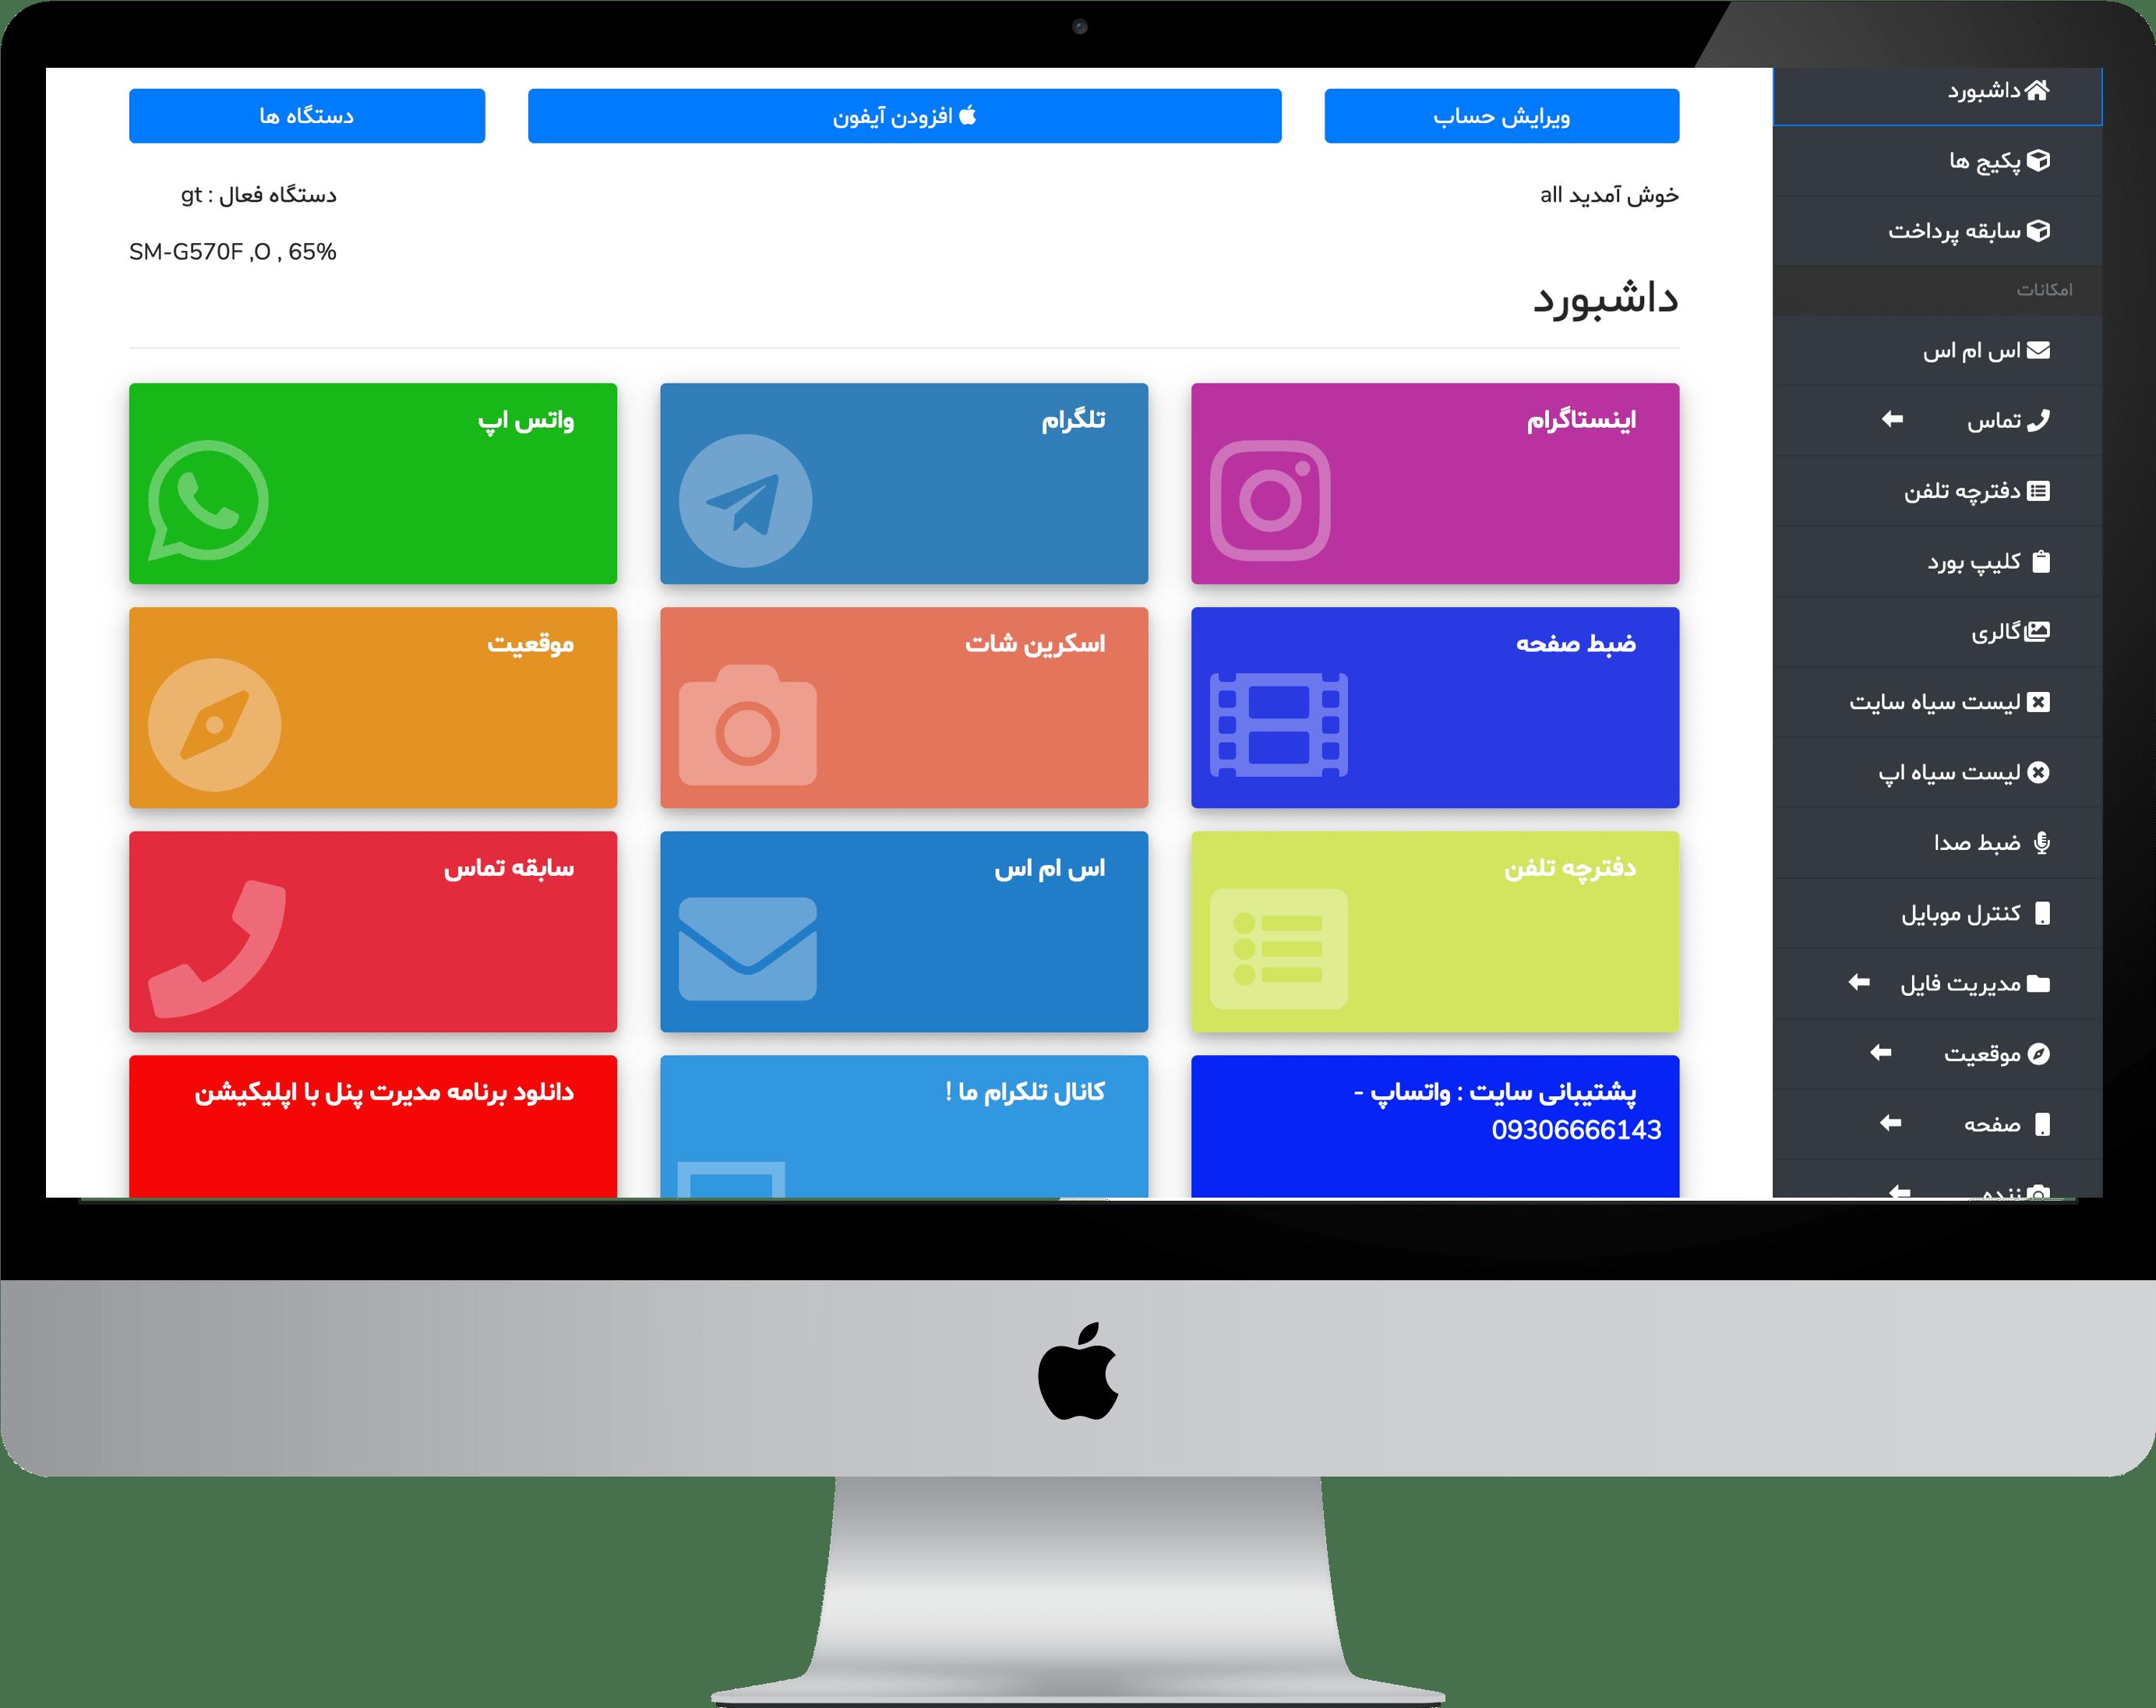 نسخه جدید نرم افزار مراقبت از خانواده SPY24 منتشر شد